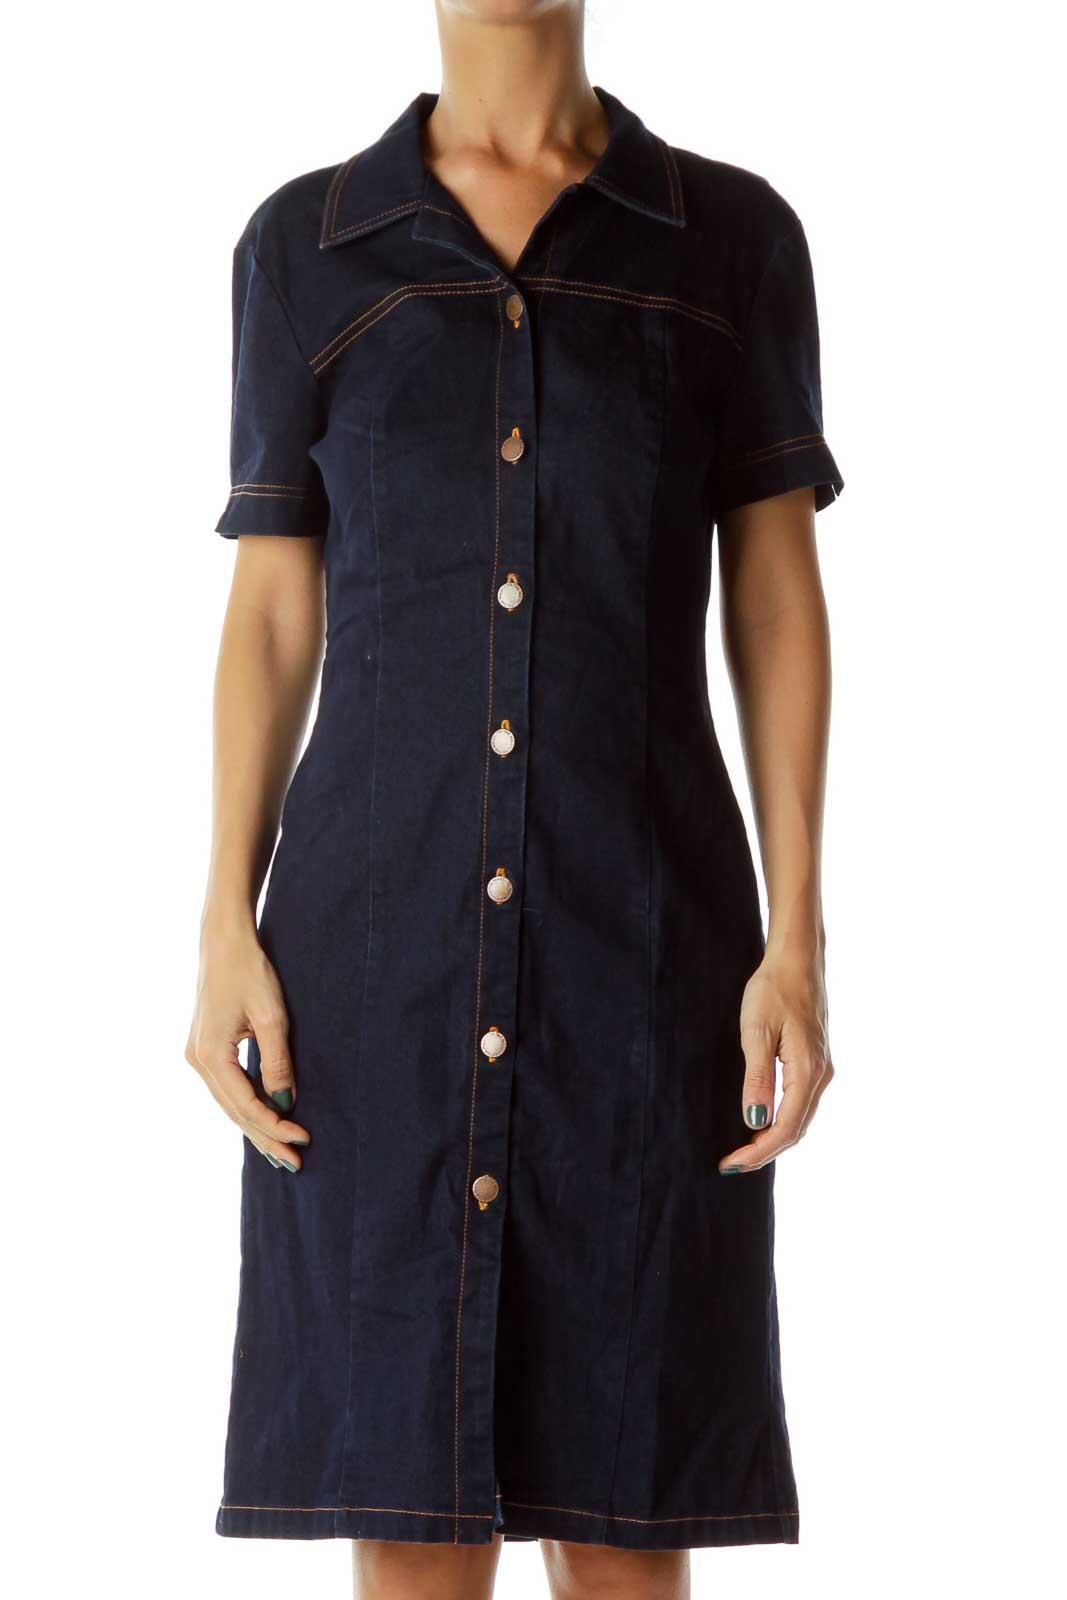 Navy Denim Buttoned Dress Front